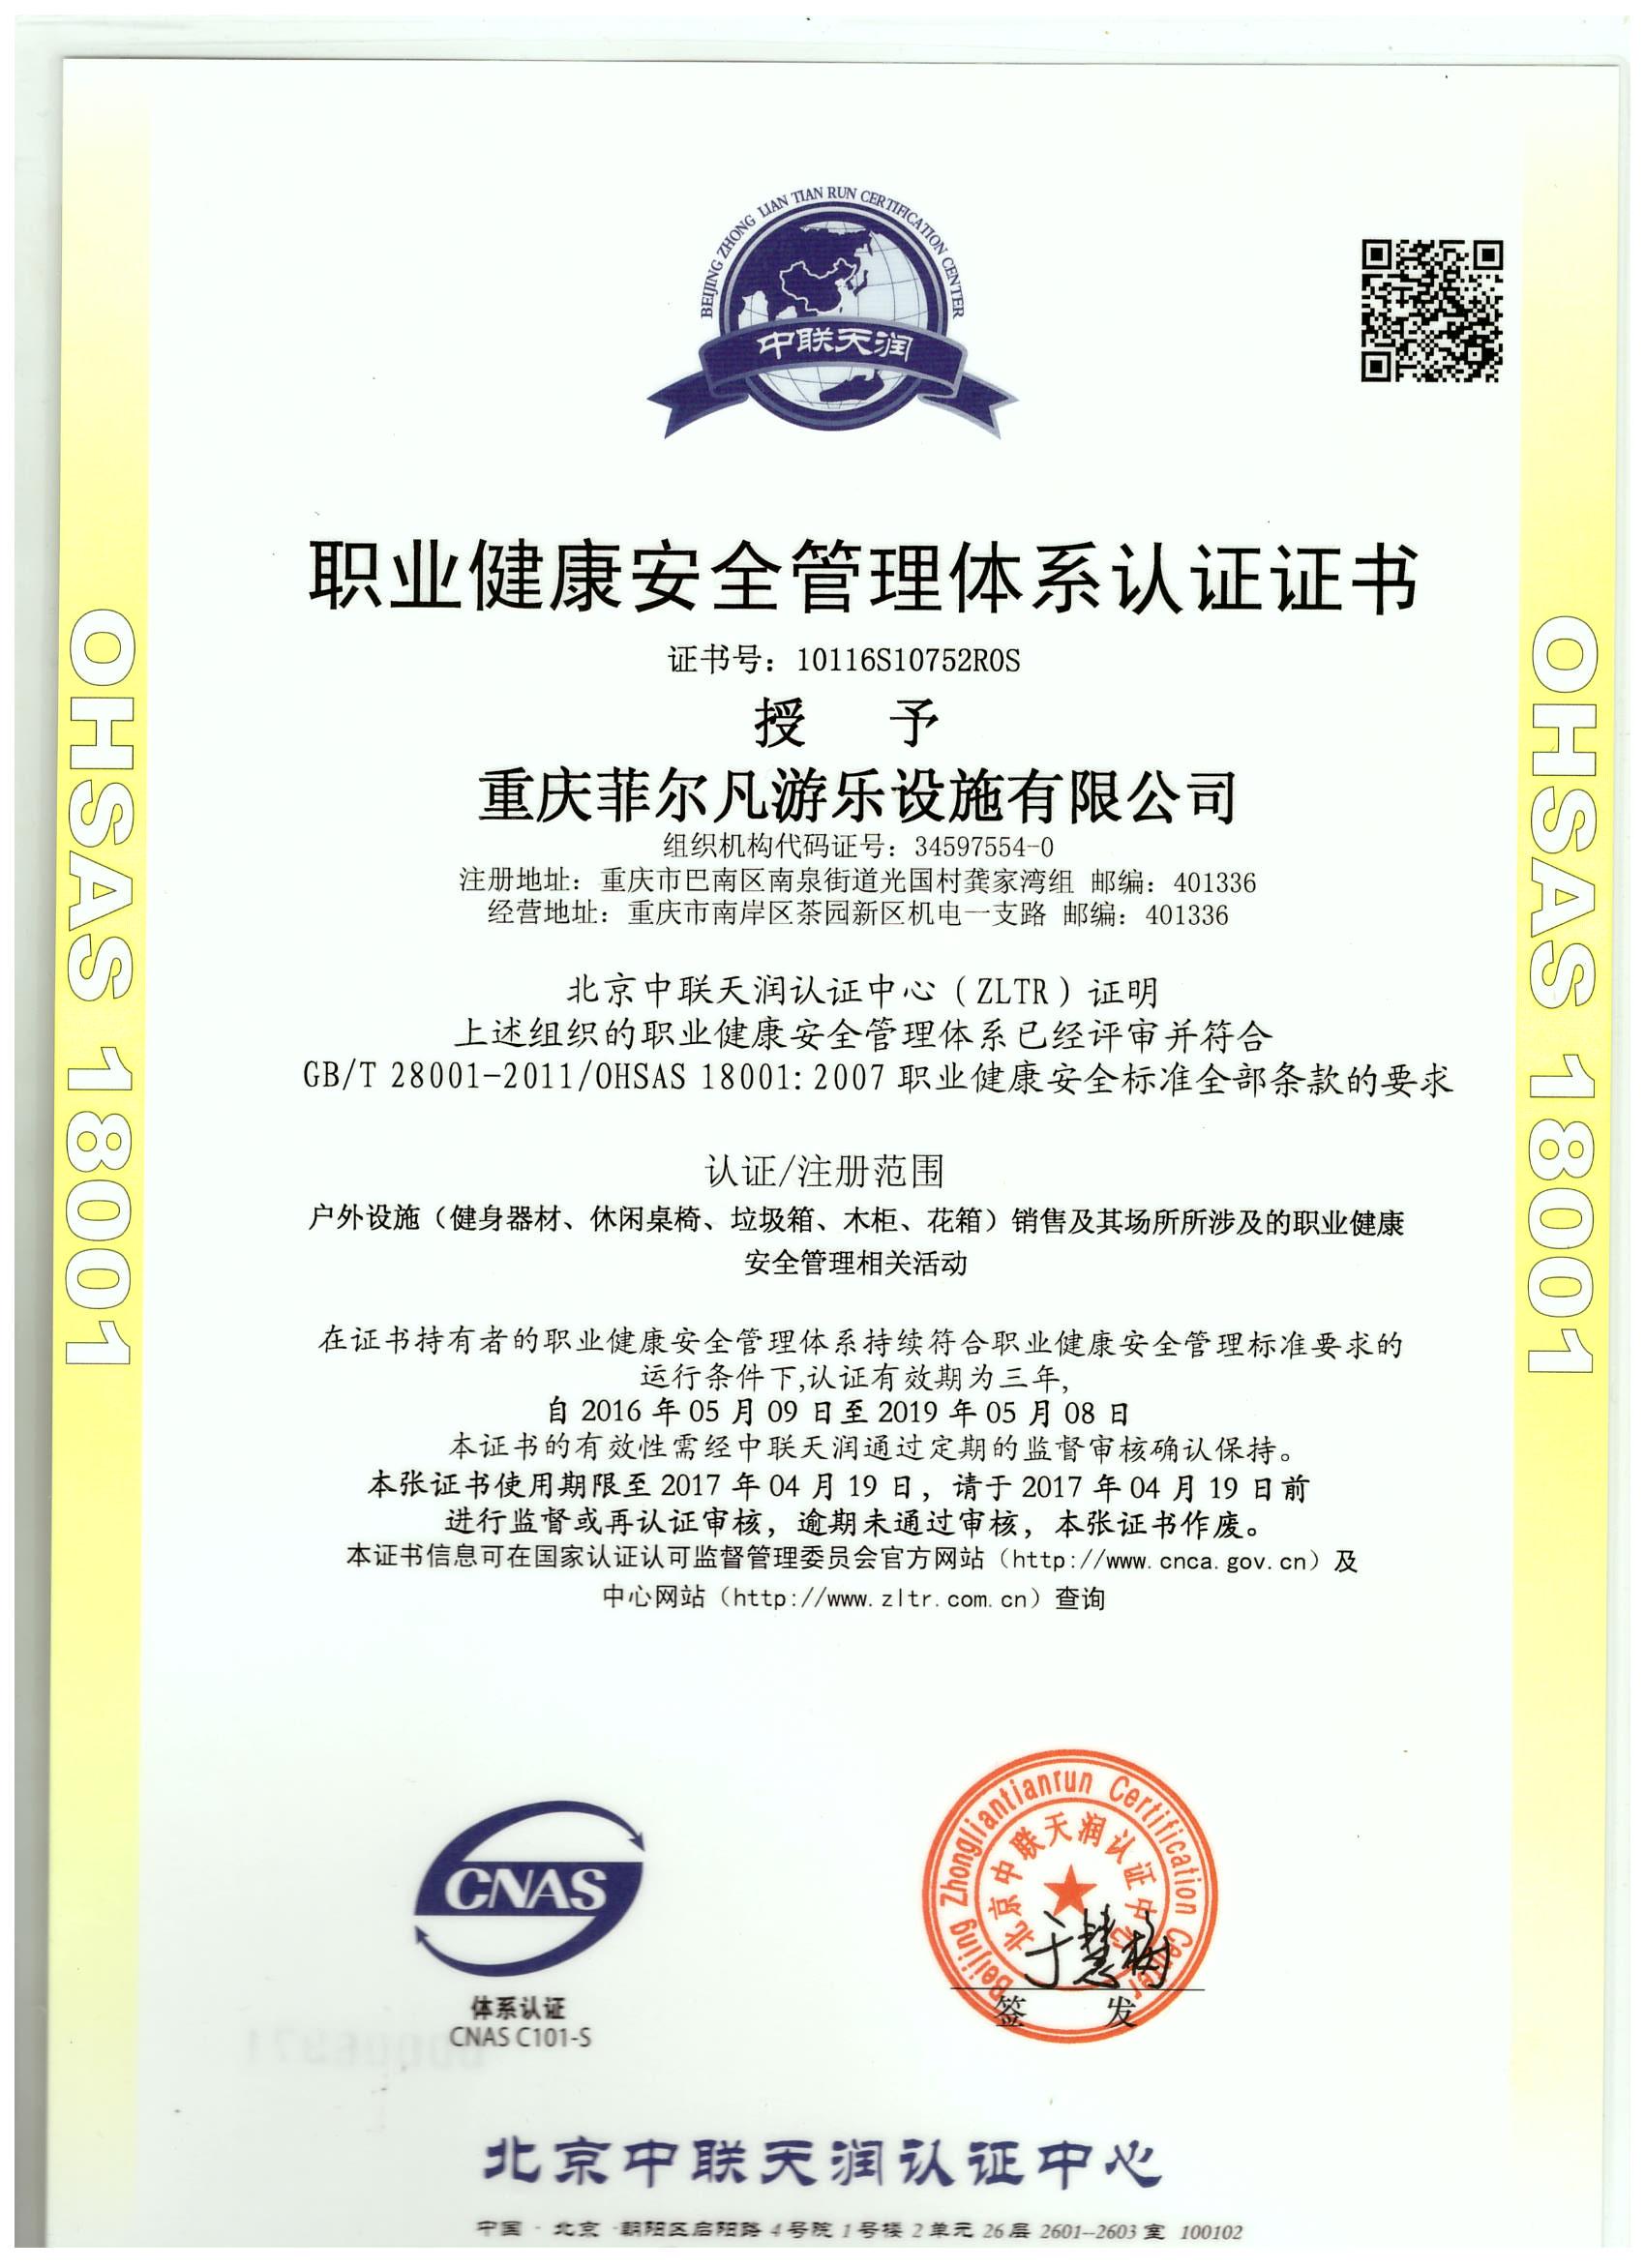 儿童游乐设施健康安全认证